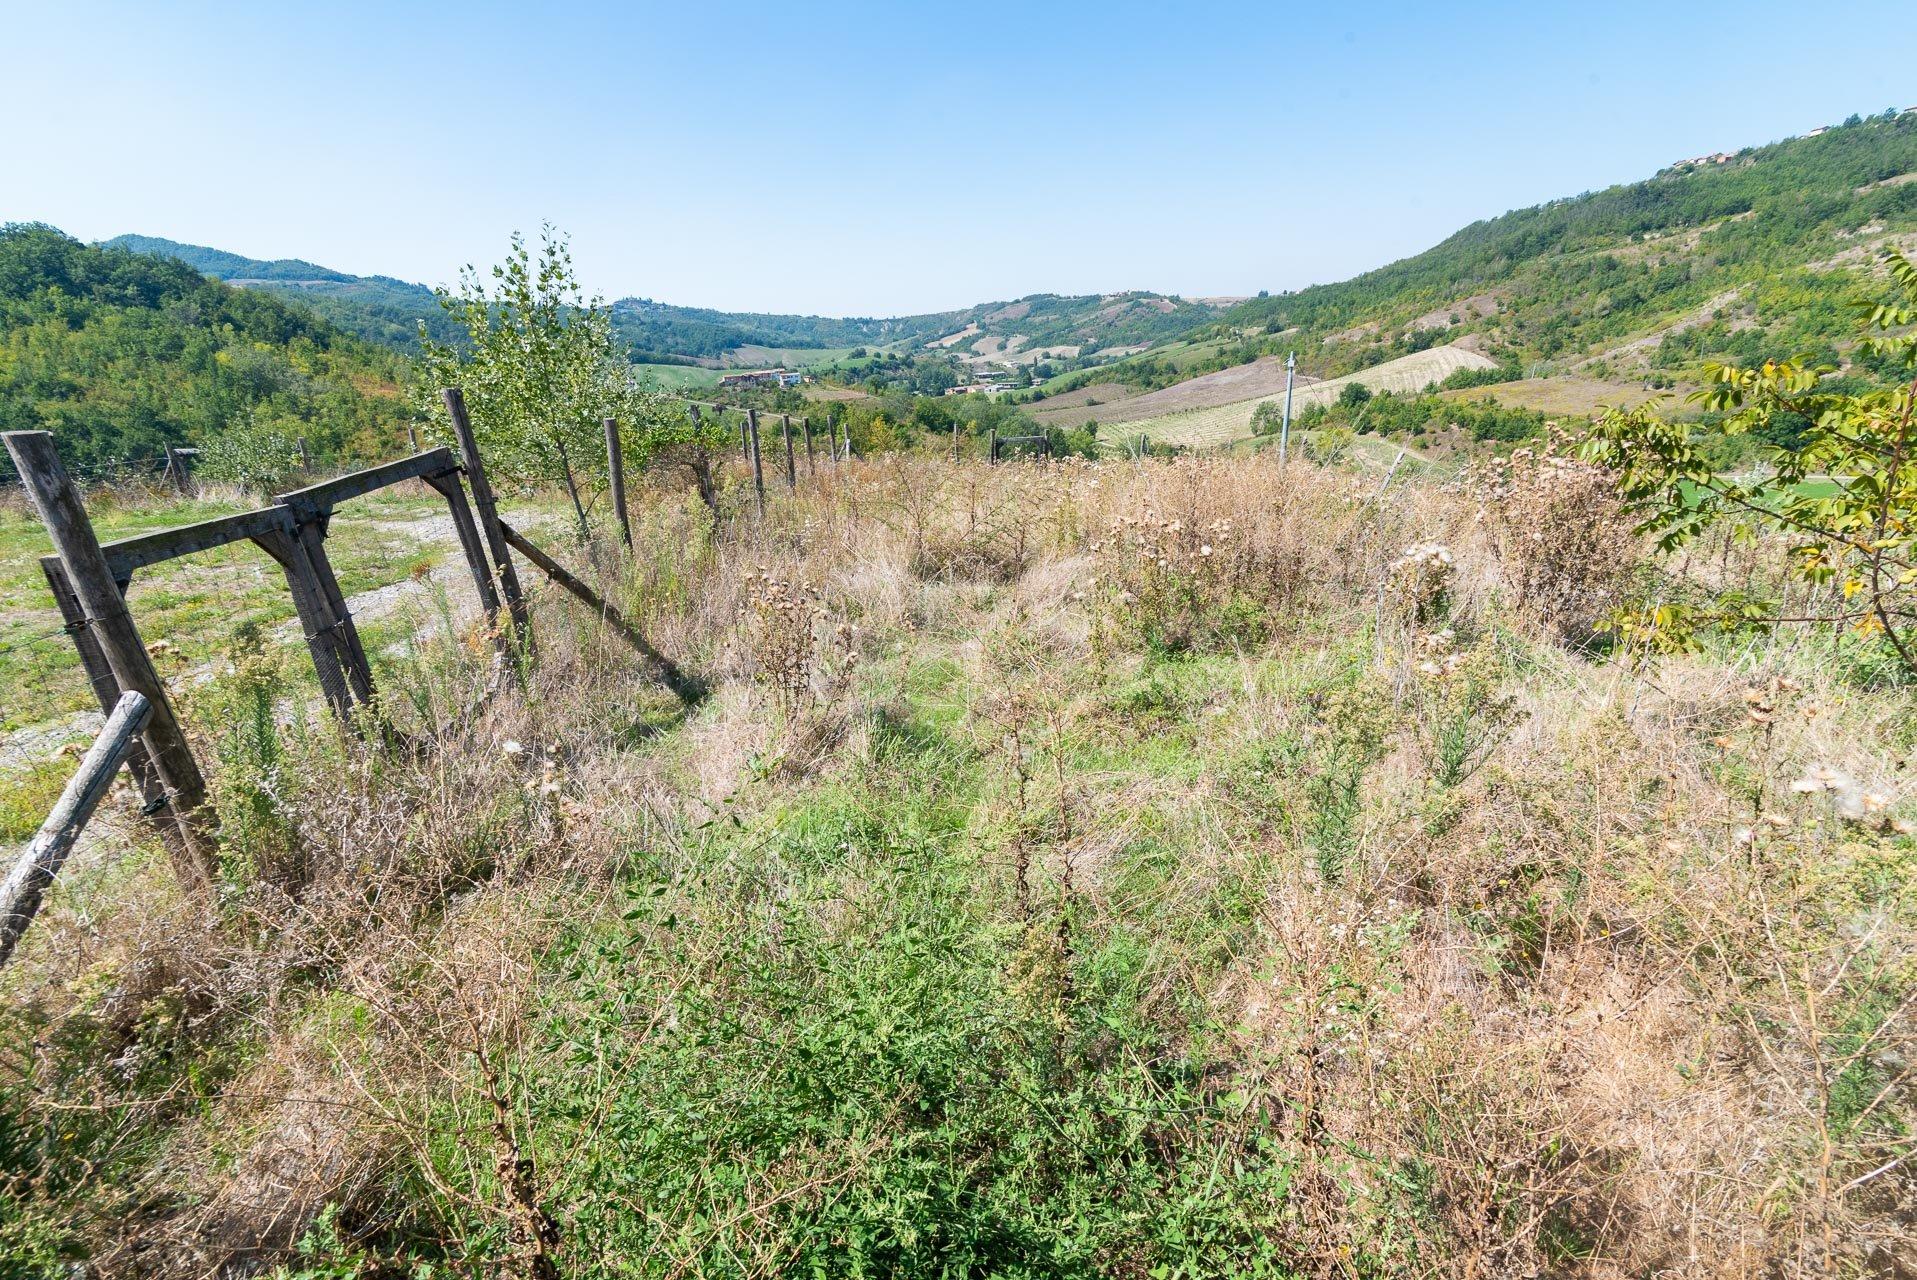 Immobilien zum Verkauf in Casasco in Val Grue, Südpiemont